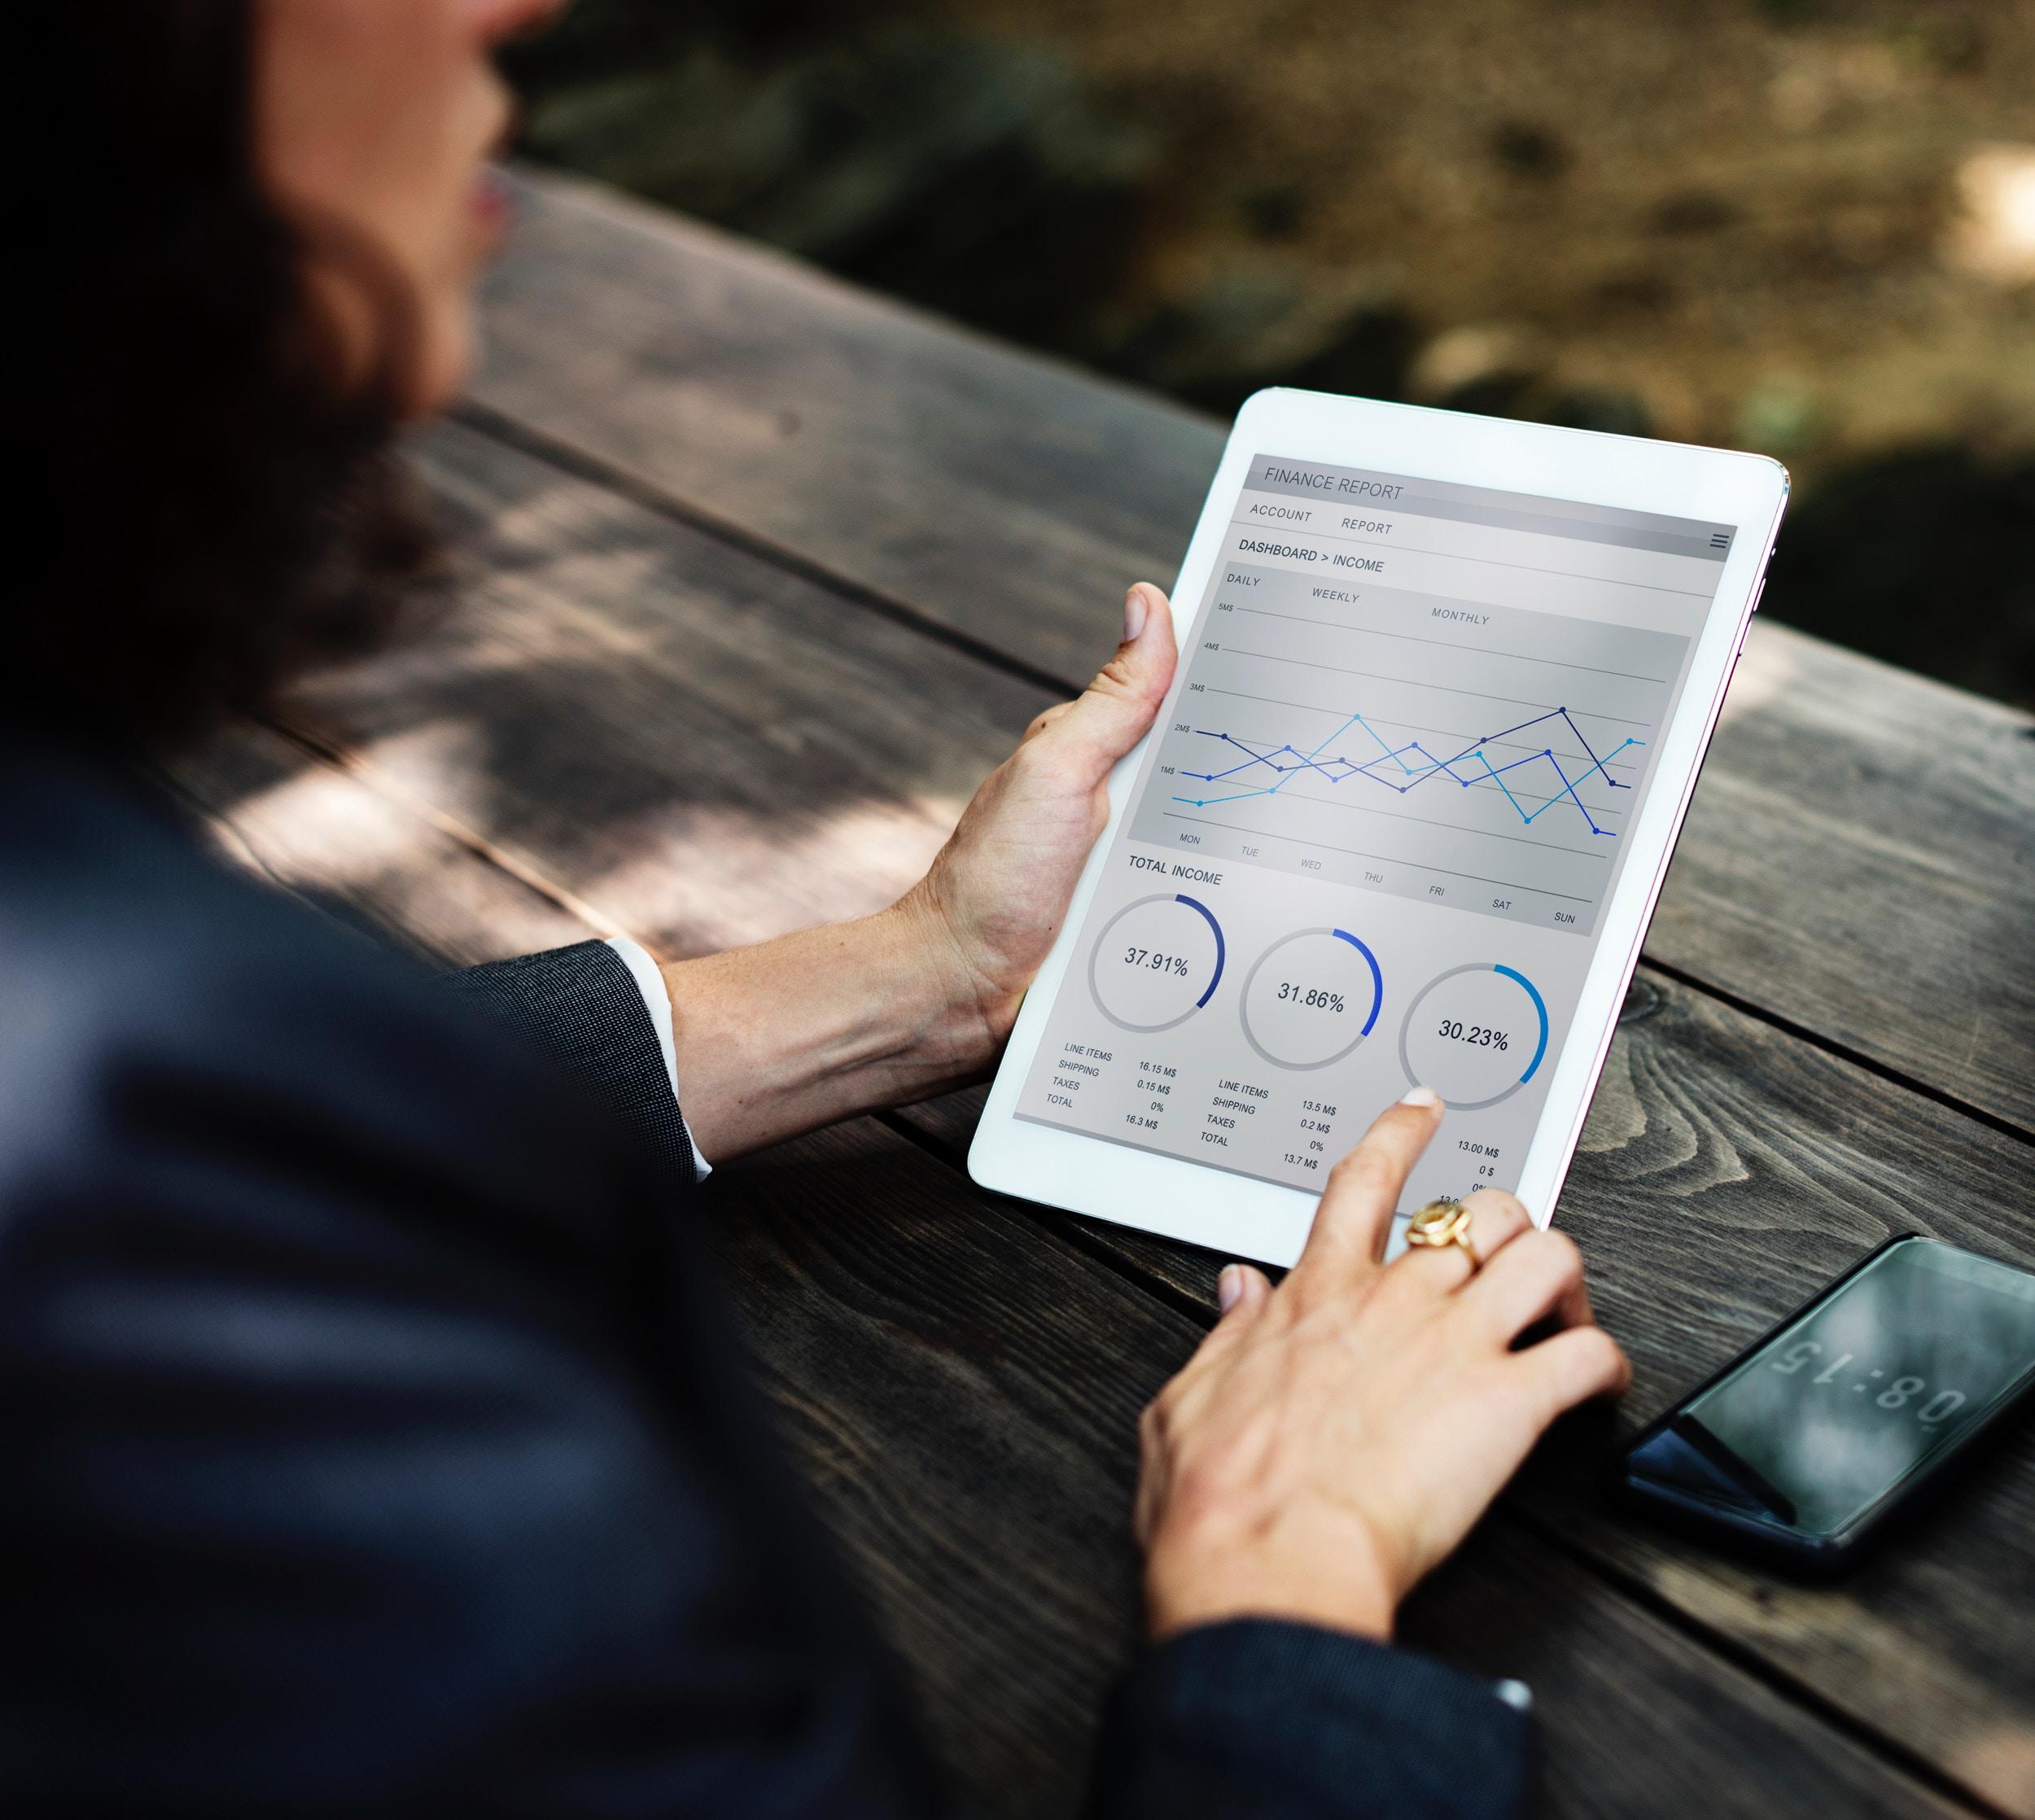 Le Data scientist clé de voute pour construire une bonne équipe marketing